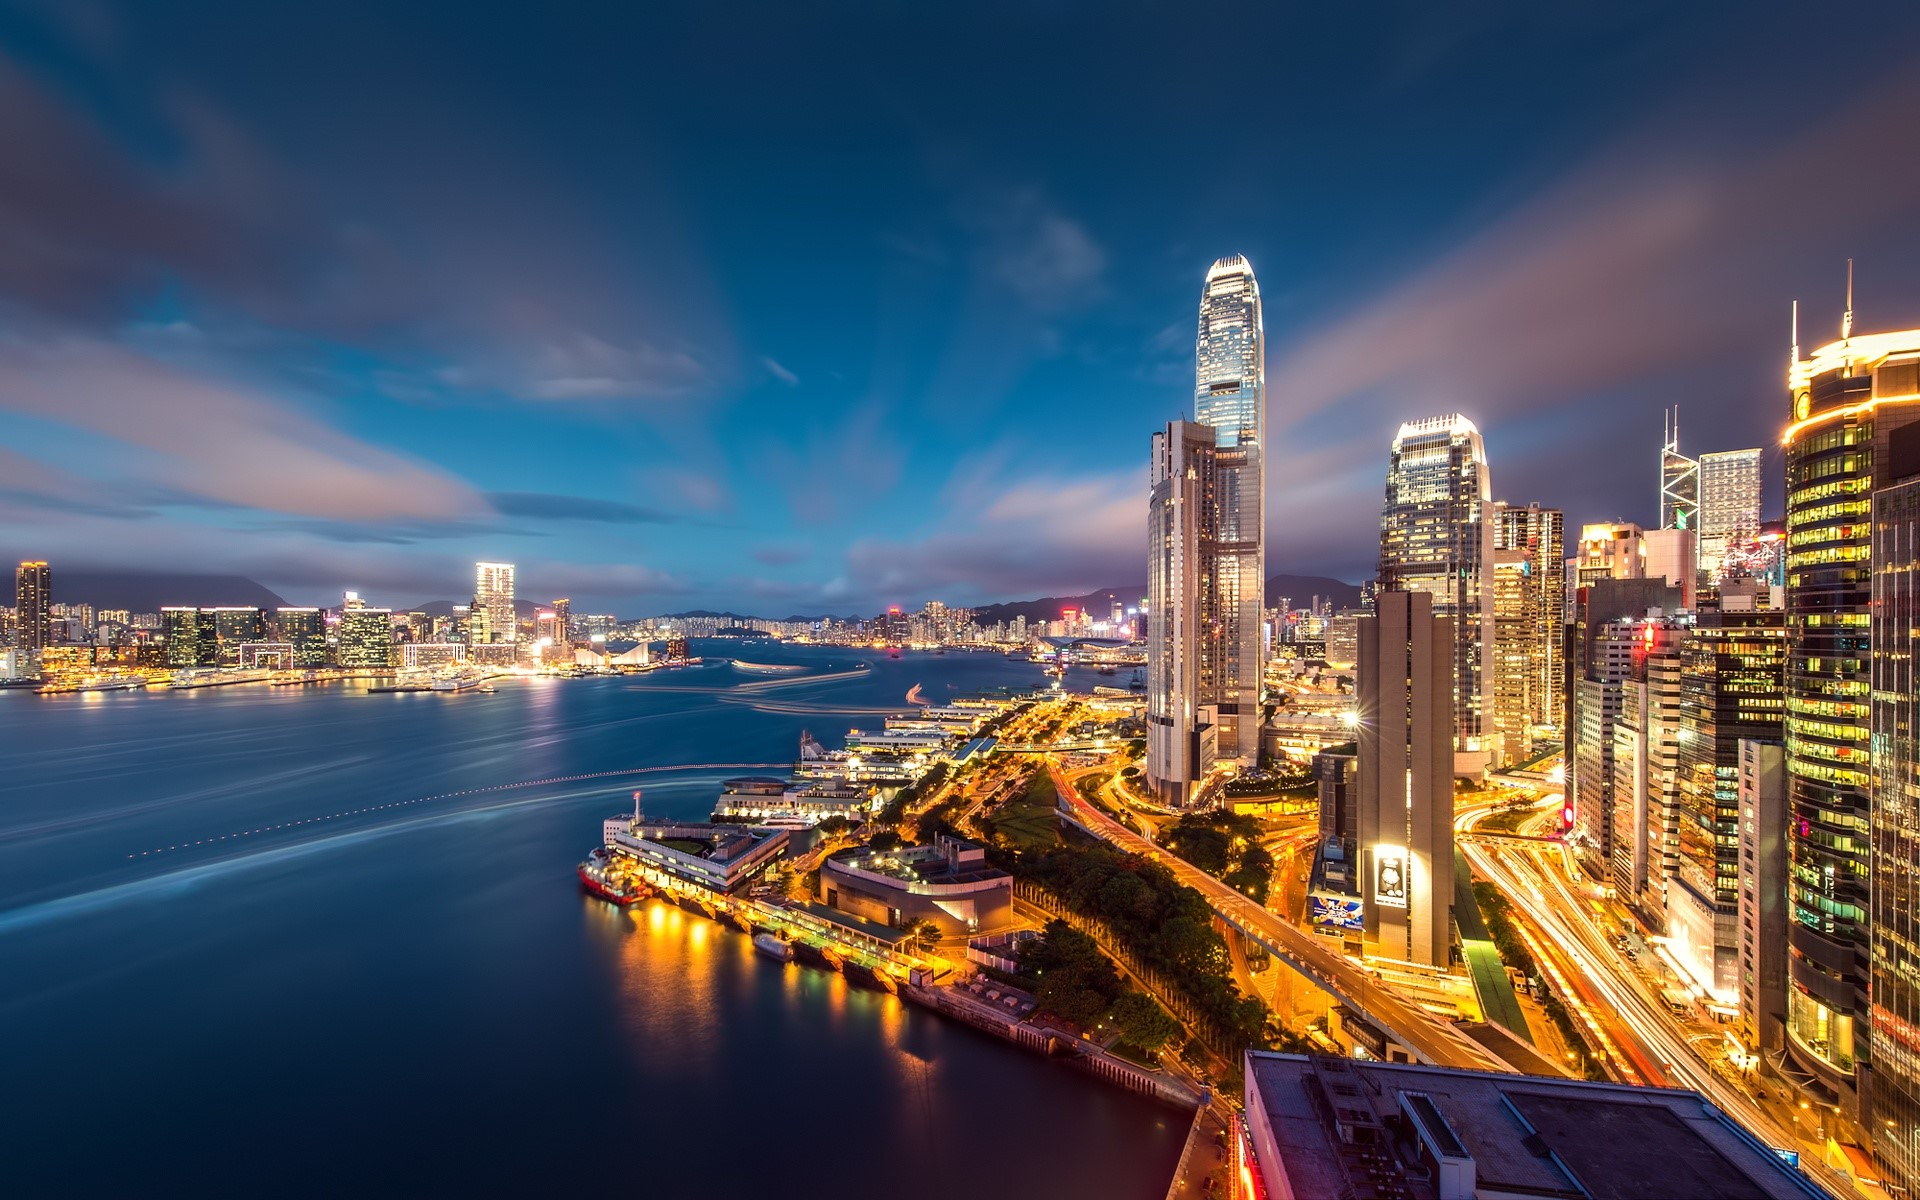 Wallpaper Lights of Hong Kong